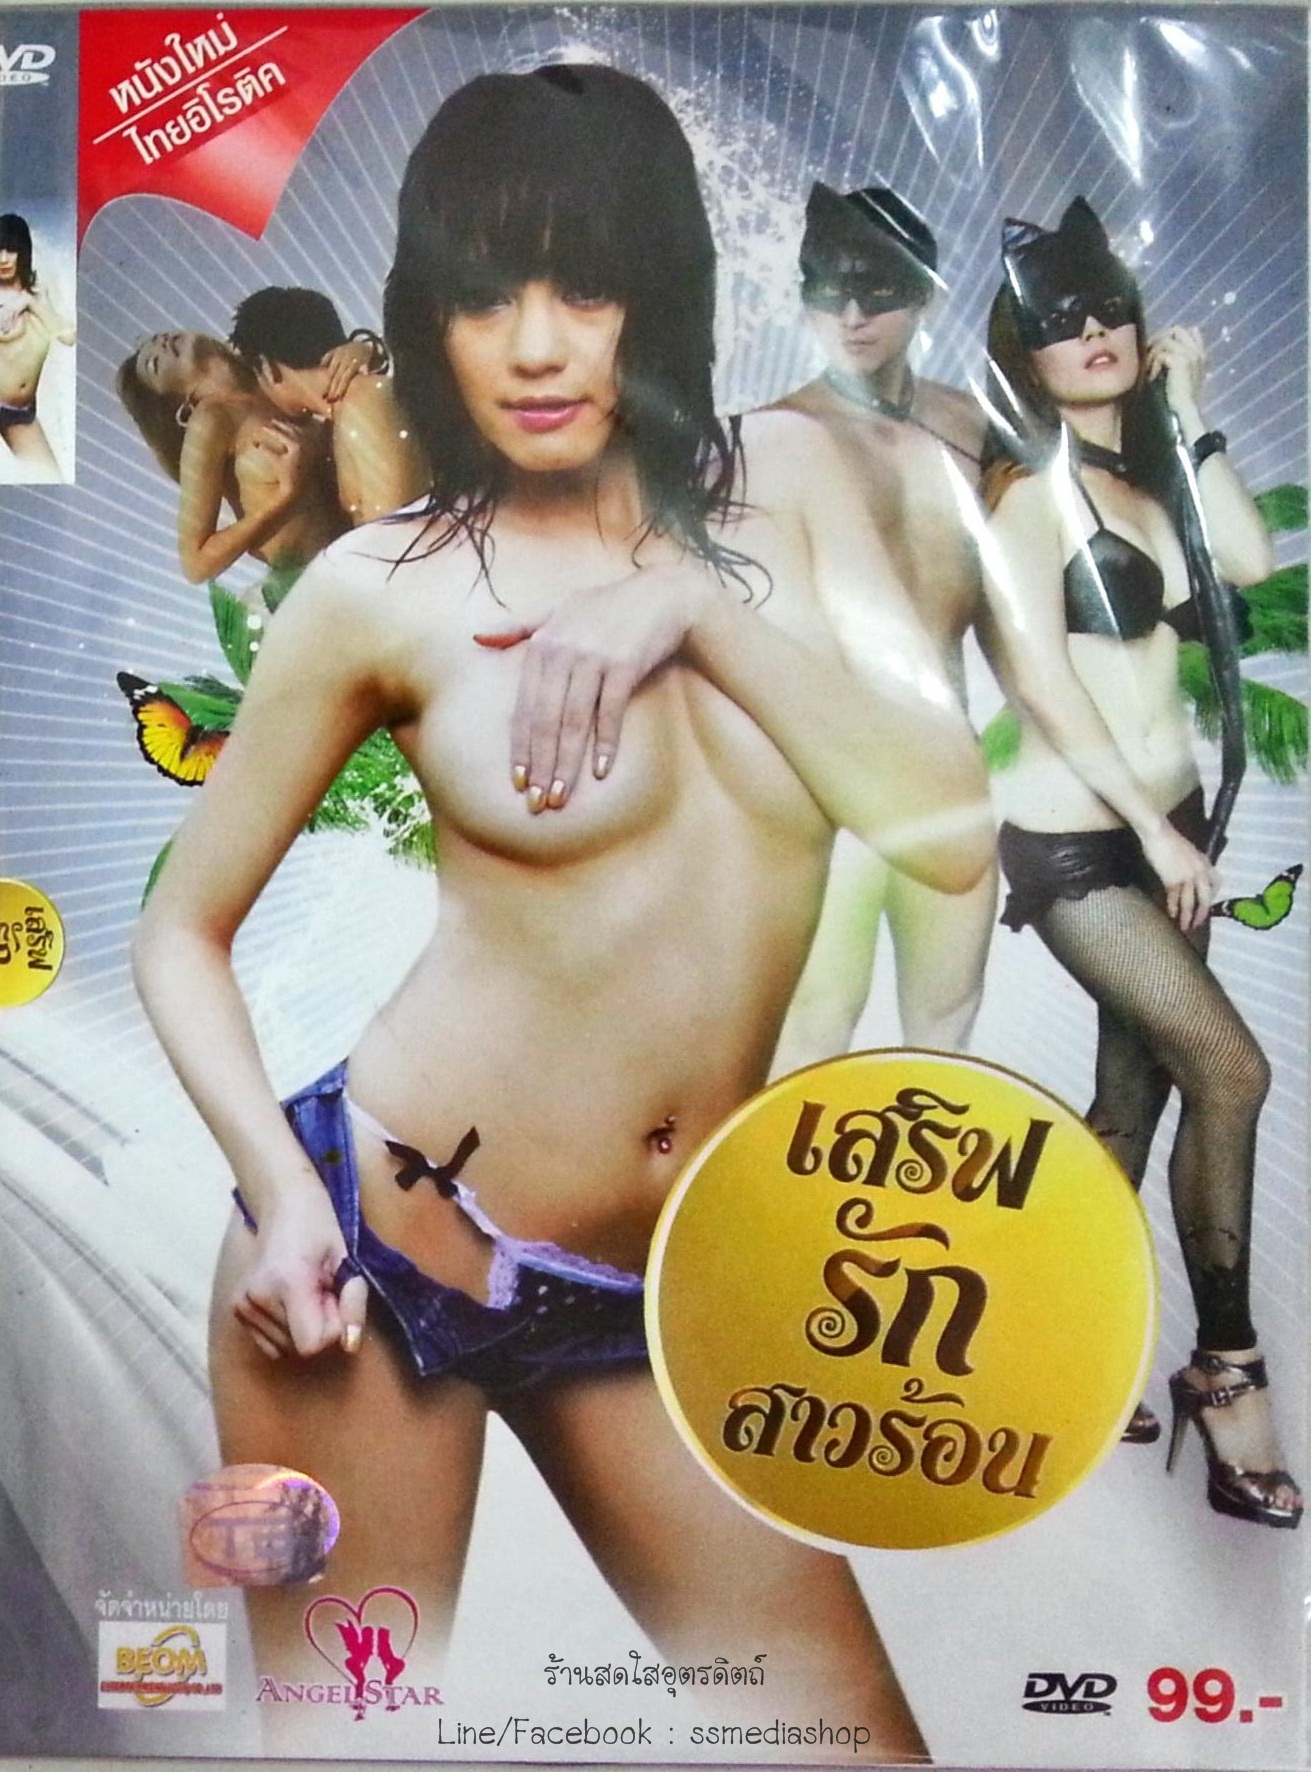 DVD หนังอิโรติค เรื่องเสริฟรักสาวร้อน